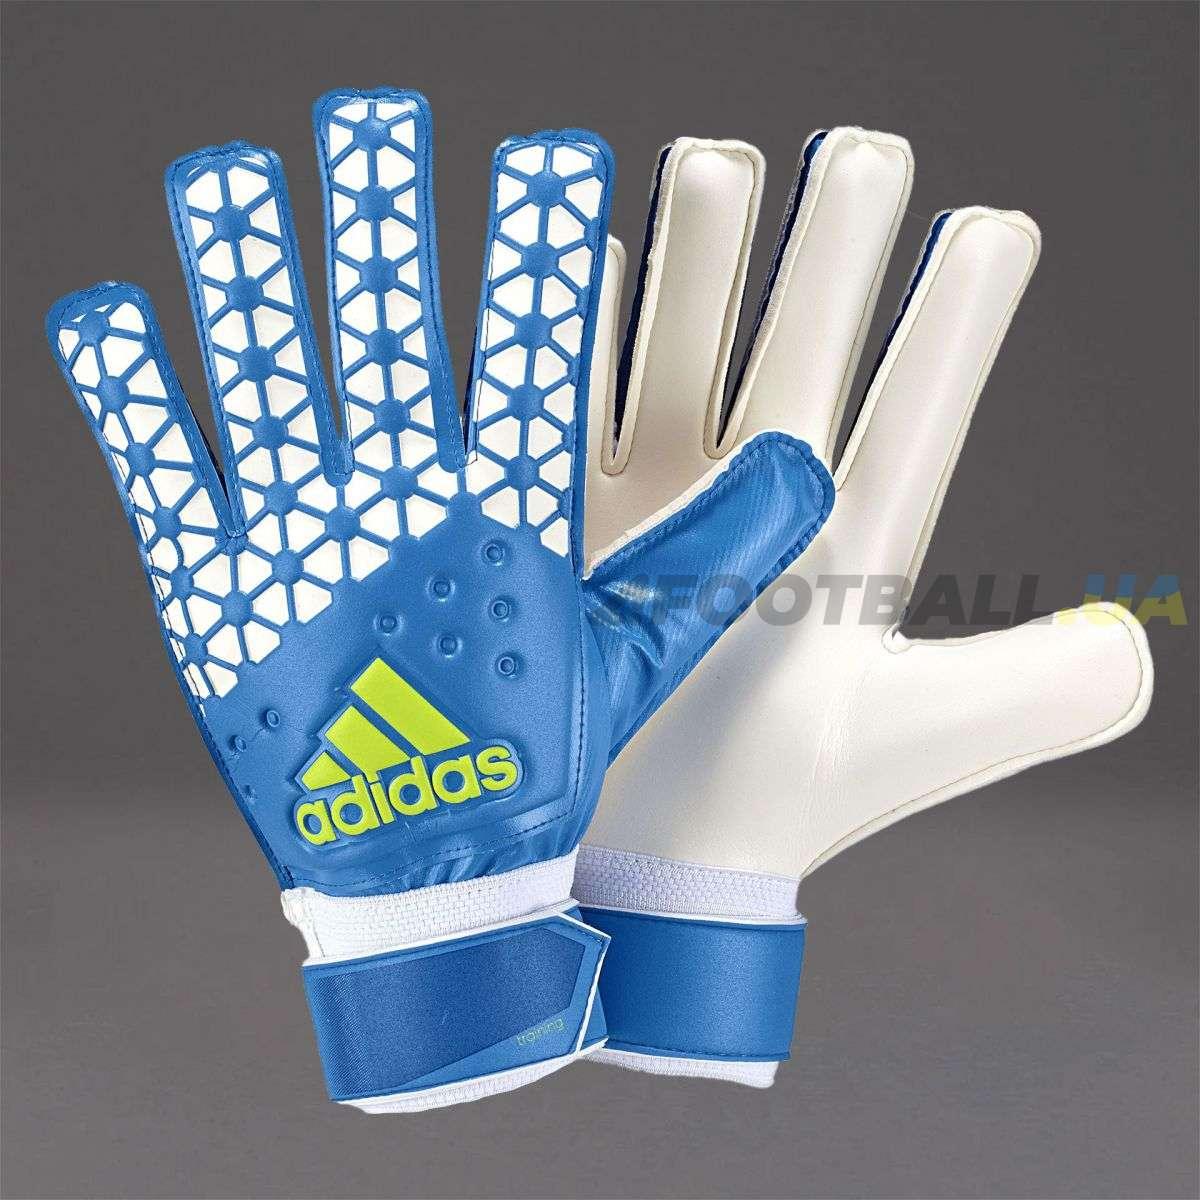 🥇 Вратарские перчатки PUMA POWER CAT 1.12 Grip 040813 09  3656697337891